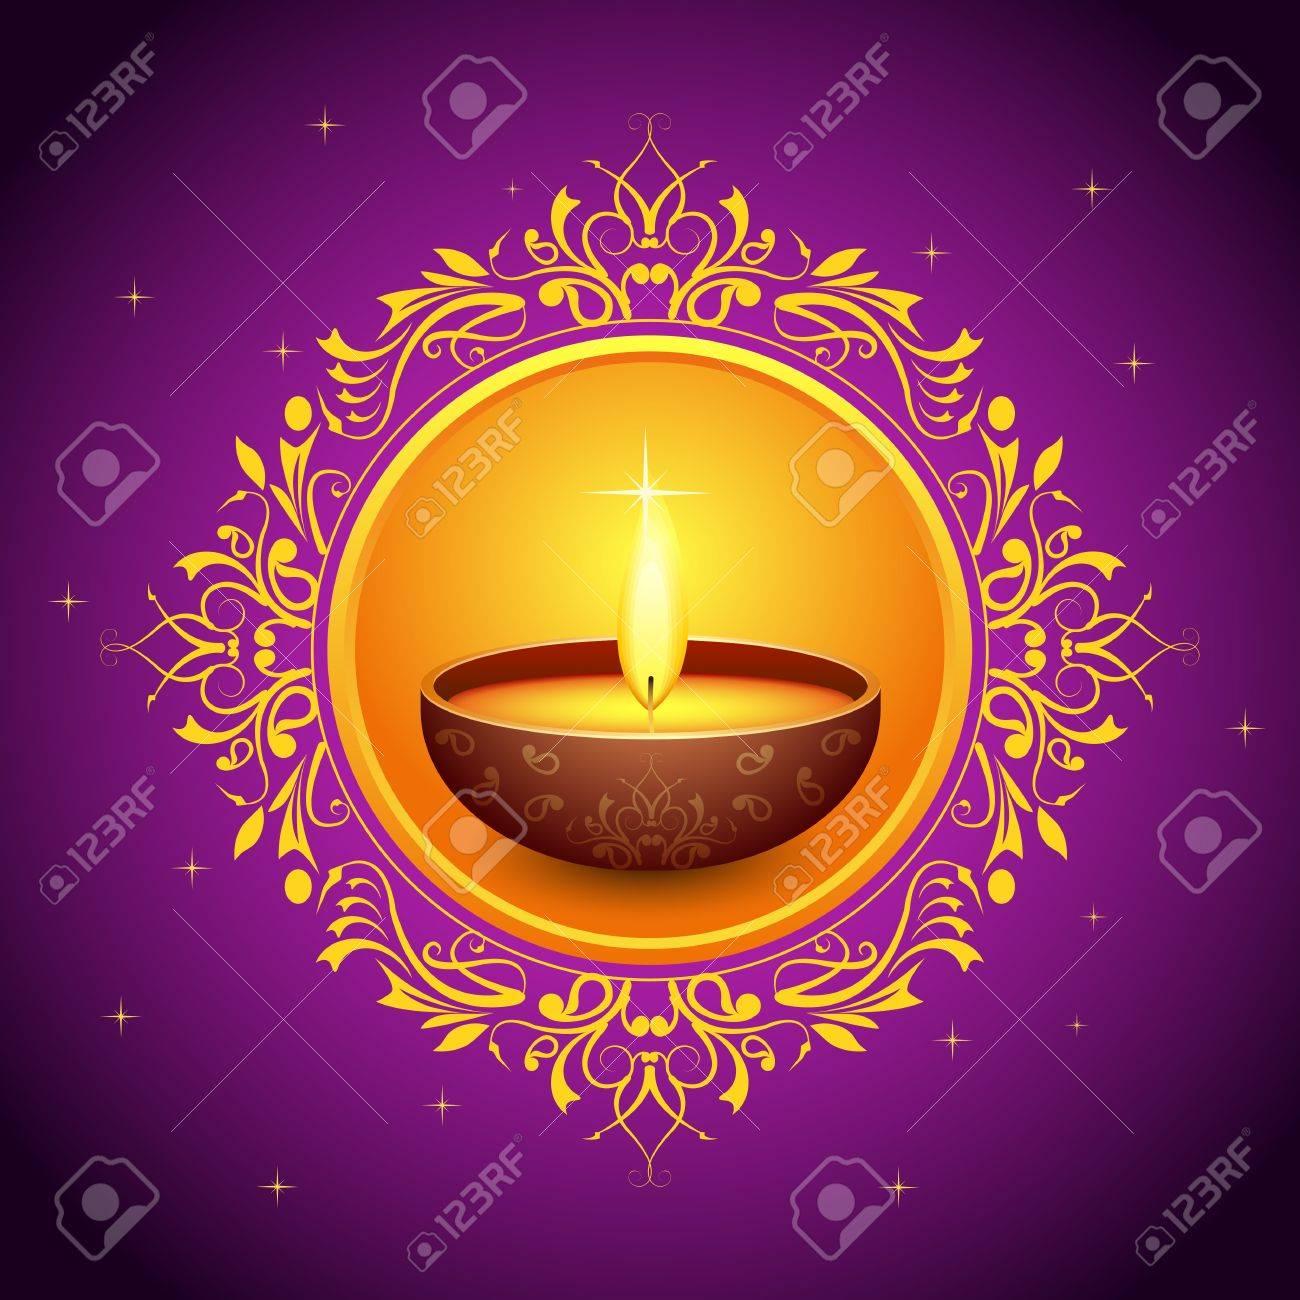 Holy Diya for Festival Stock Vector - 15730338